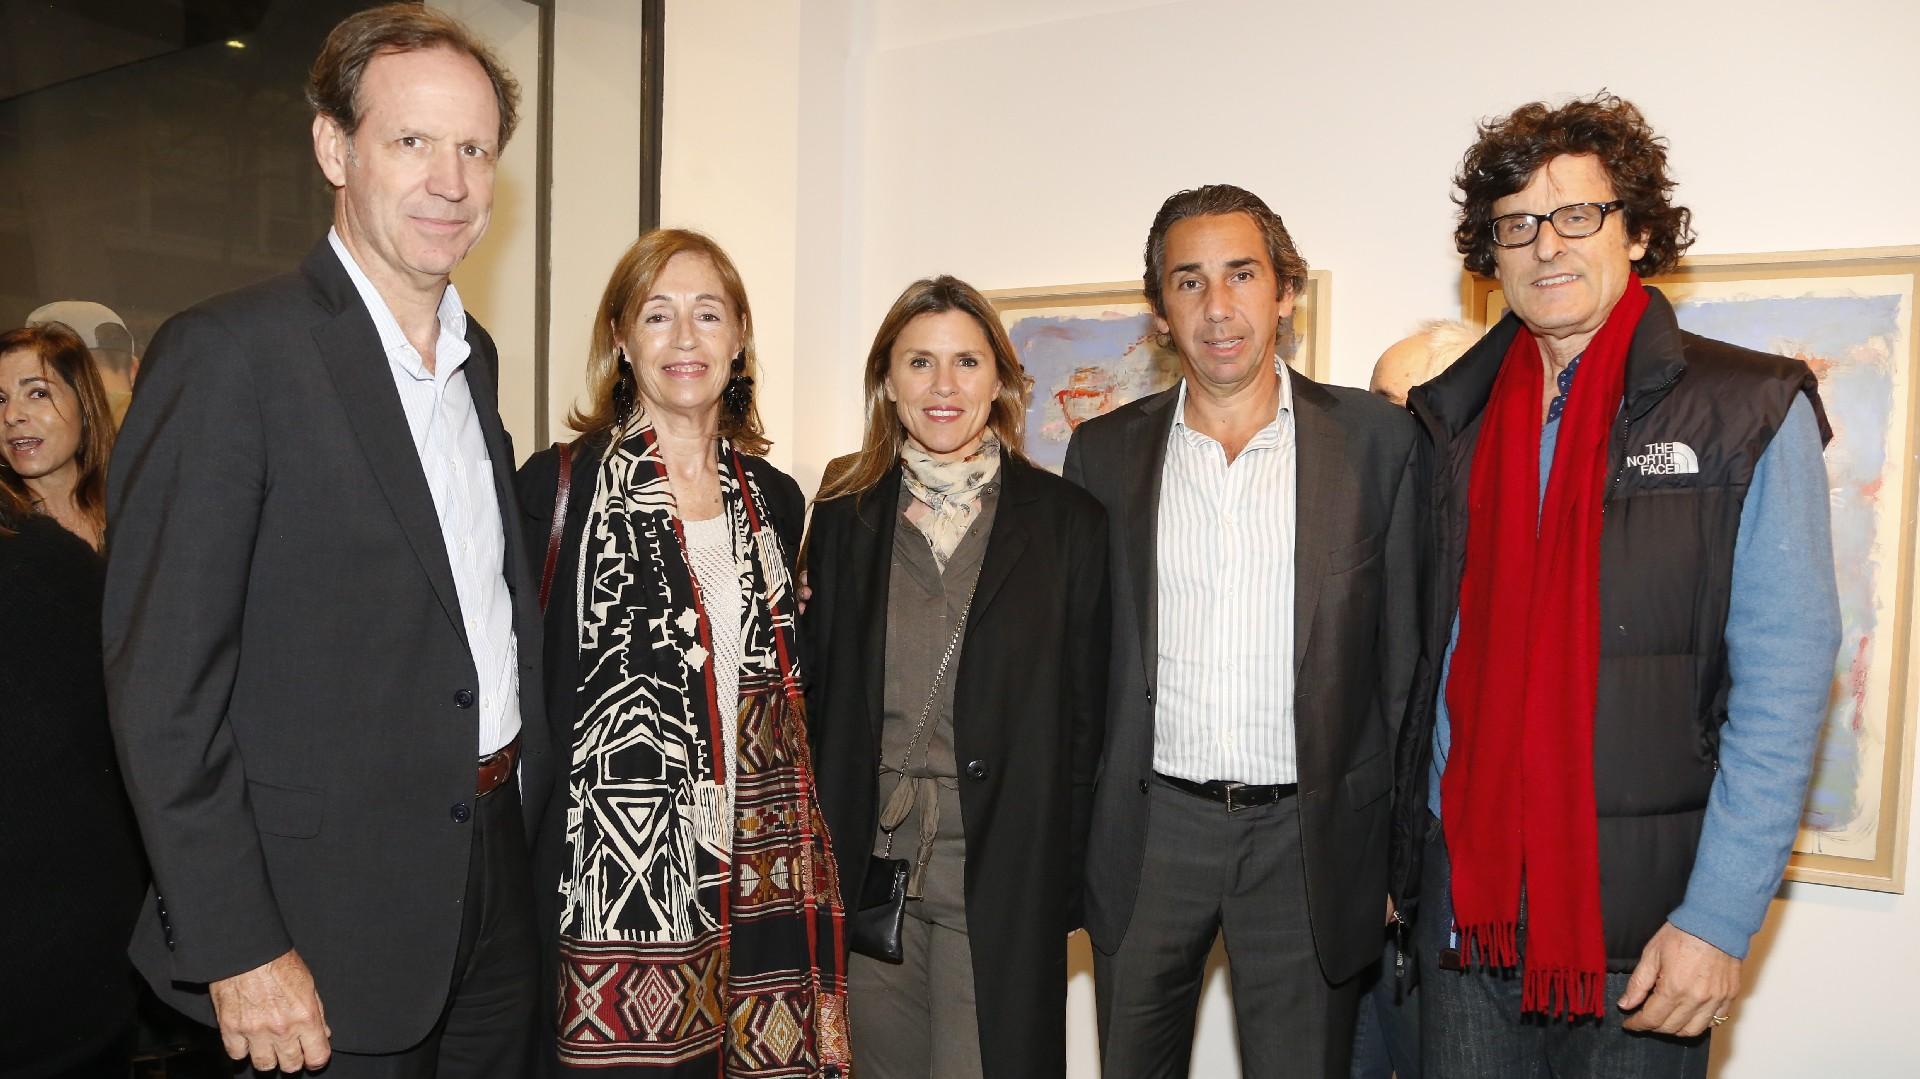 Miguel Blaquier, Felisa Larívière de Blaquier, Gloria y Dicky Smith Estrada, y Franco Martini